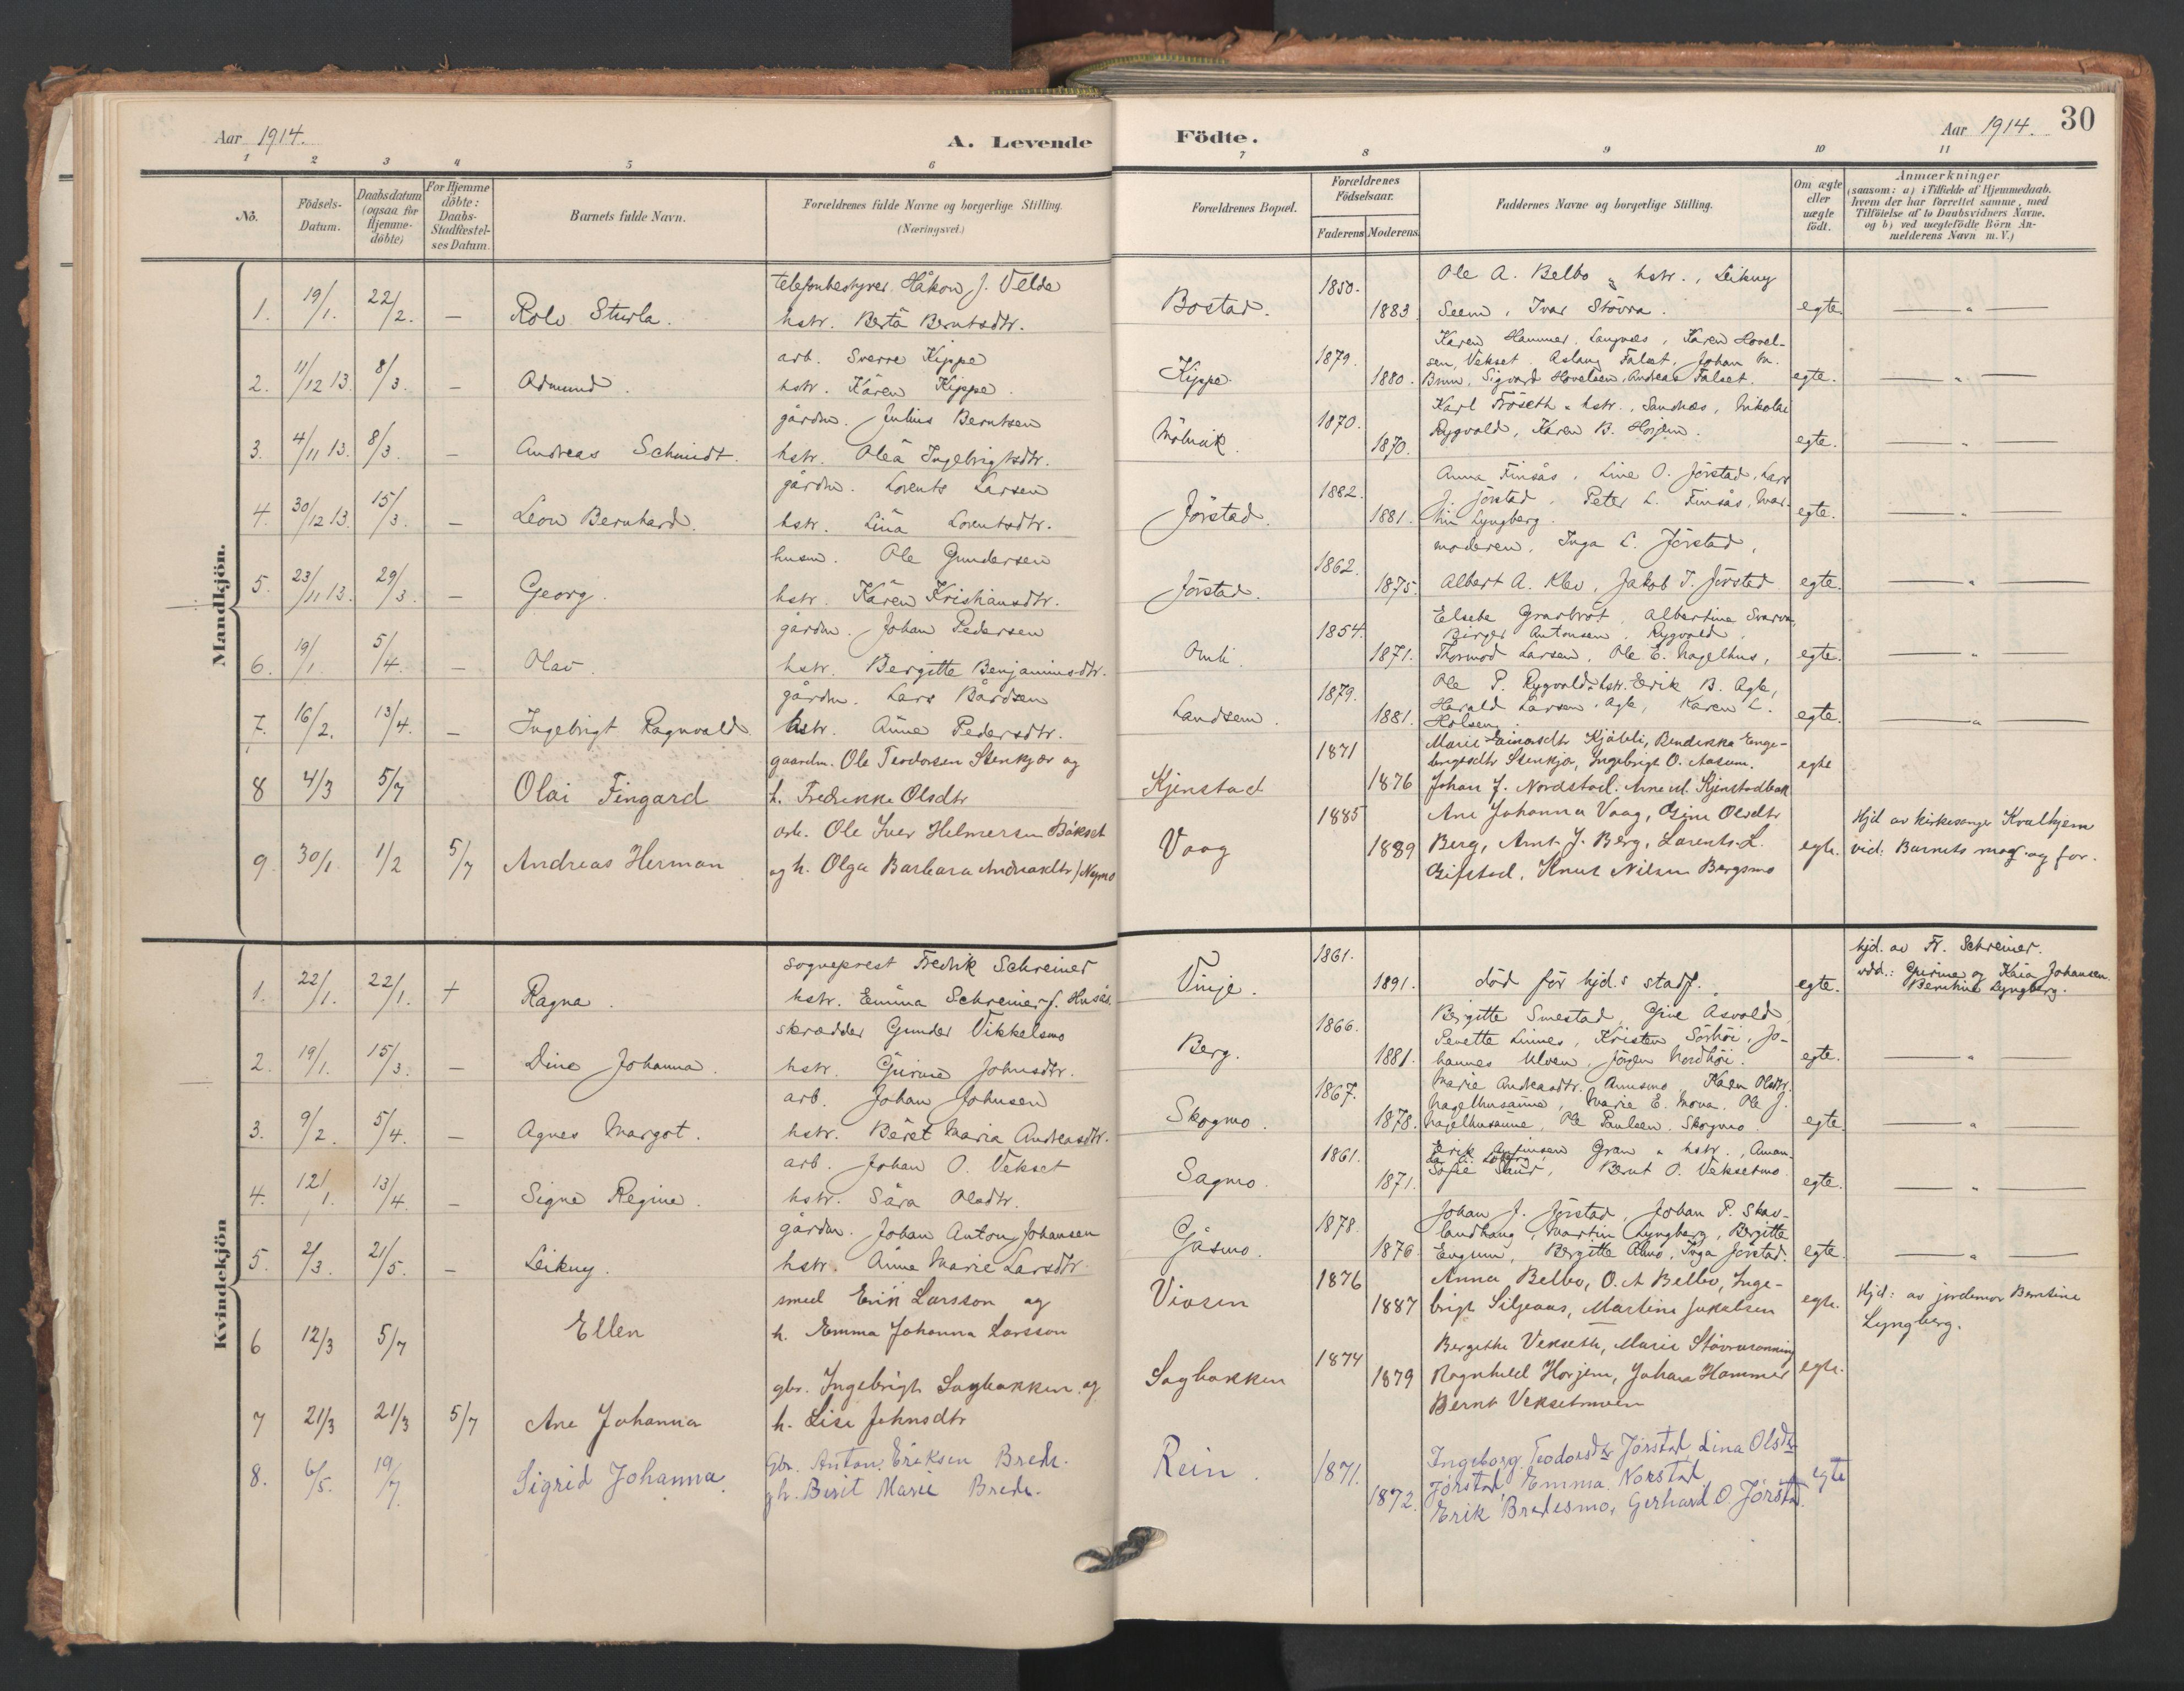 SAT, Ministerialprotokoller, klokkerbøker og fødselsregistre - Nord-Trøndelag, 749/L0477: Ministerialbok nr. 749A11, 1902-1927, s. 30